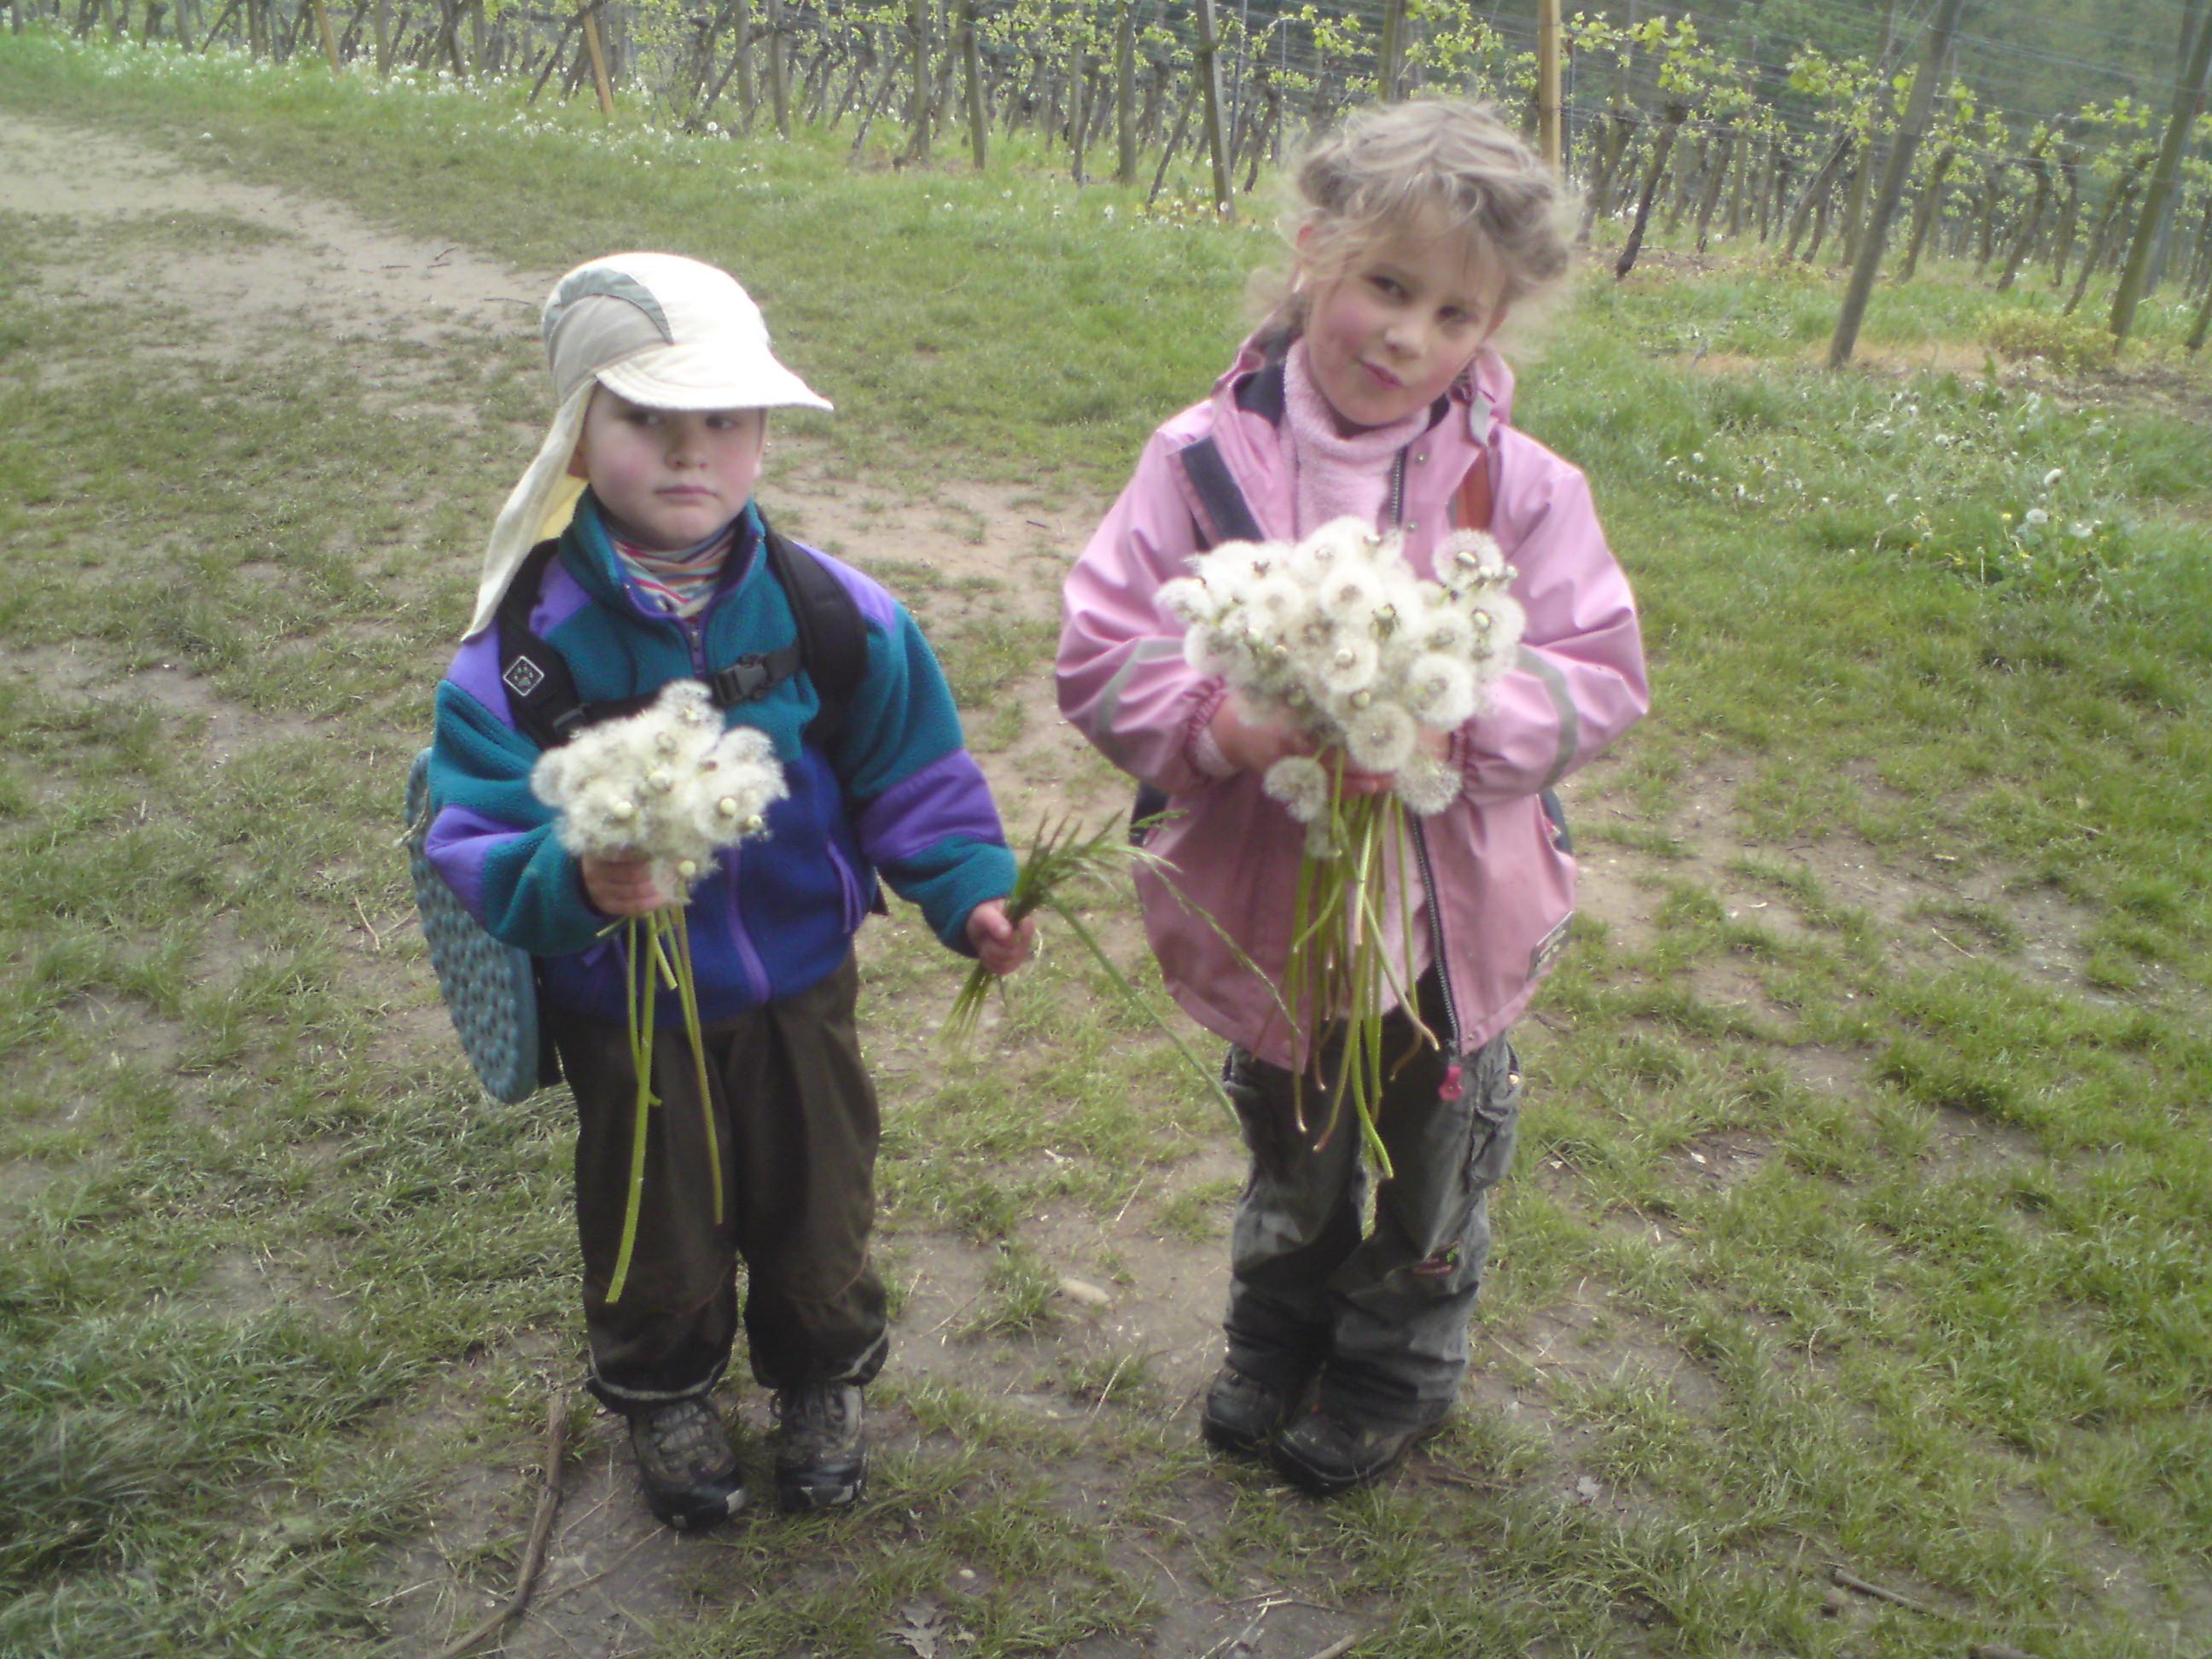 Ook in Duitsland wordt Moeder op moederdag met bloemen verwend. Een meisje plukt met haar broertje uitgebloeide paardebloemen tussen de wijngarden van Fürstenlager